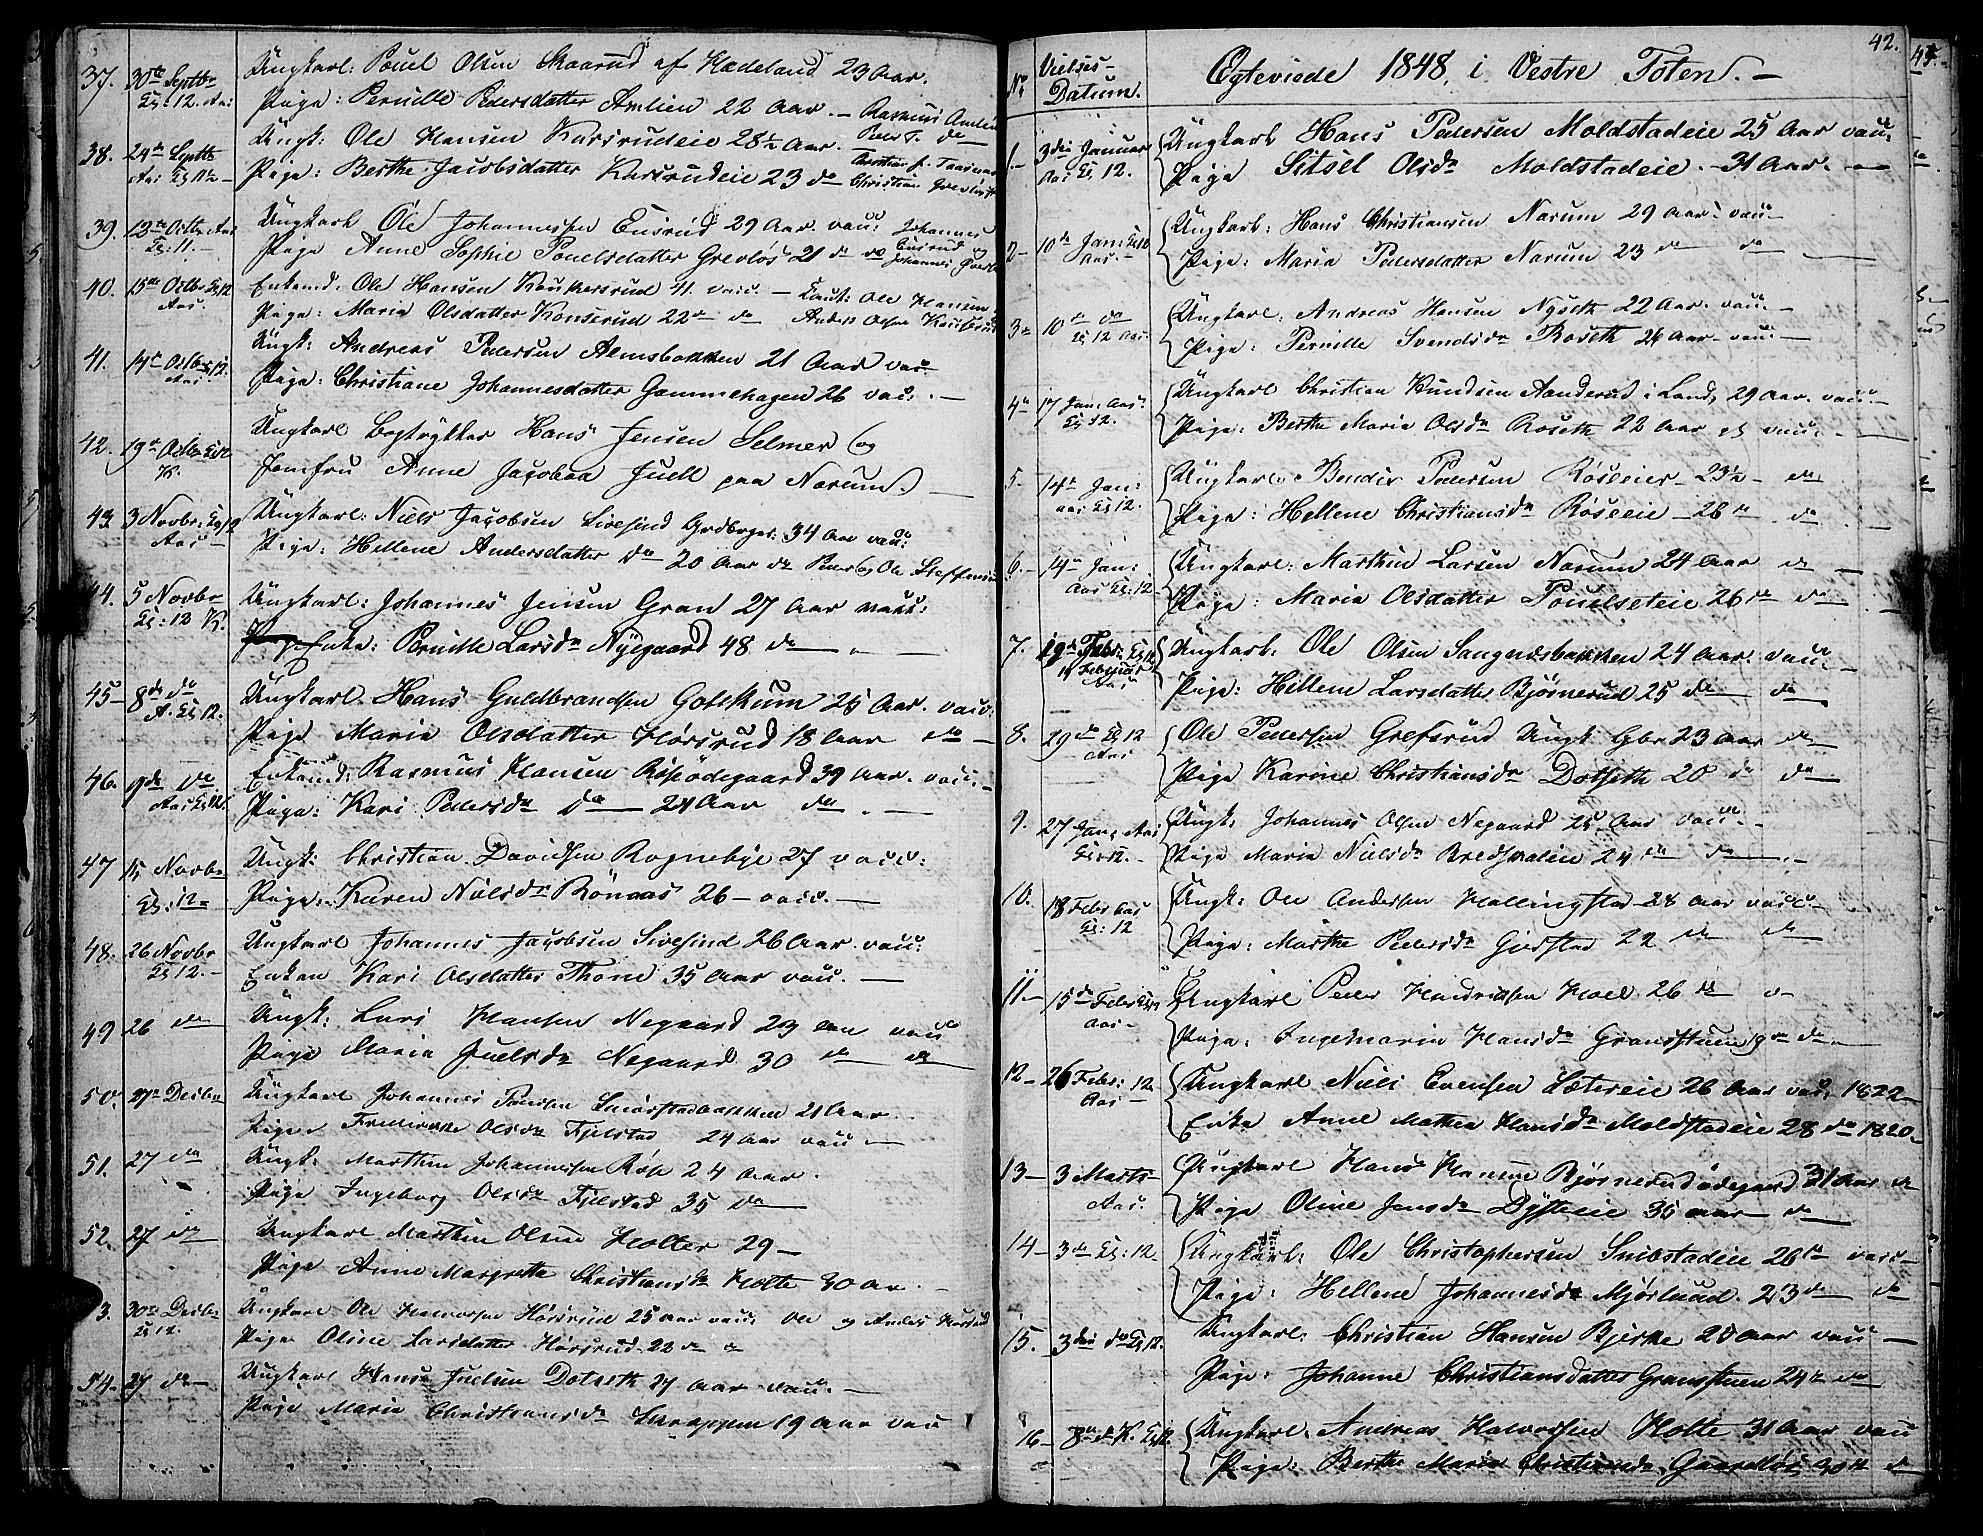 SAH, Vestre Toten prestekontor, H/Ha/Hab/L0003: Klokkerbok nr. 3, 1846-1854, s. 42